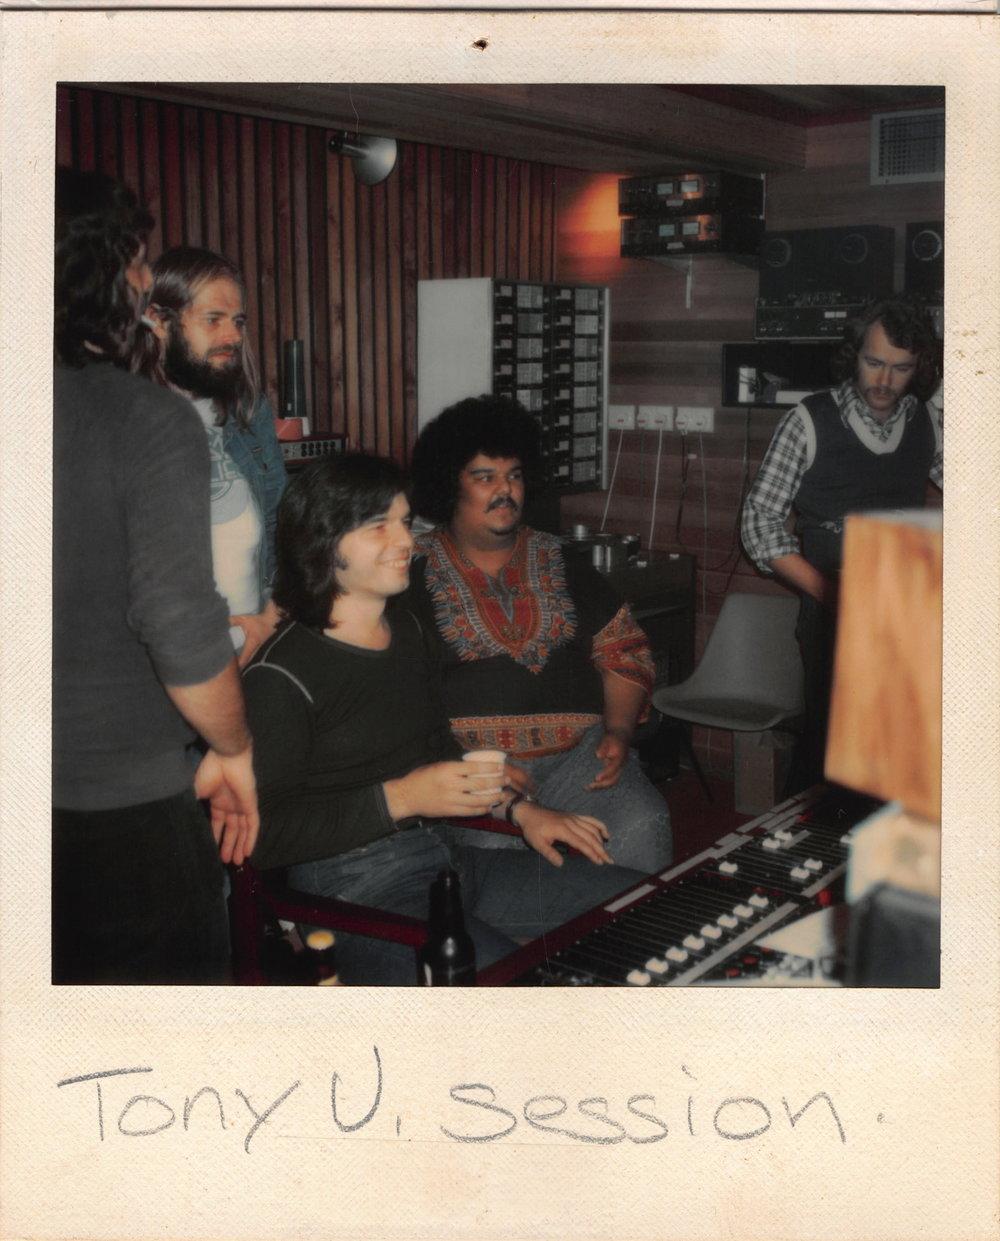 Tony Visconti (David Bowie producer)